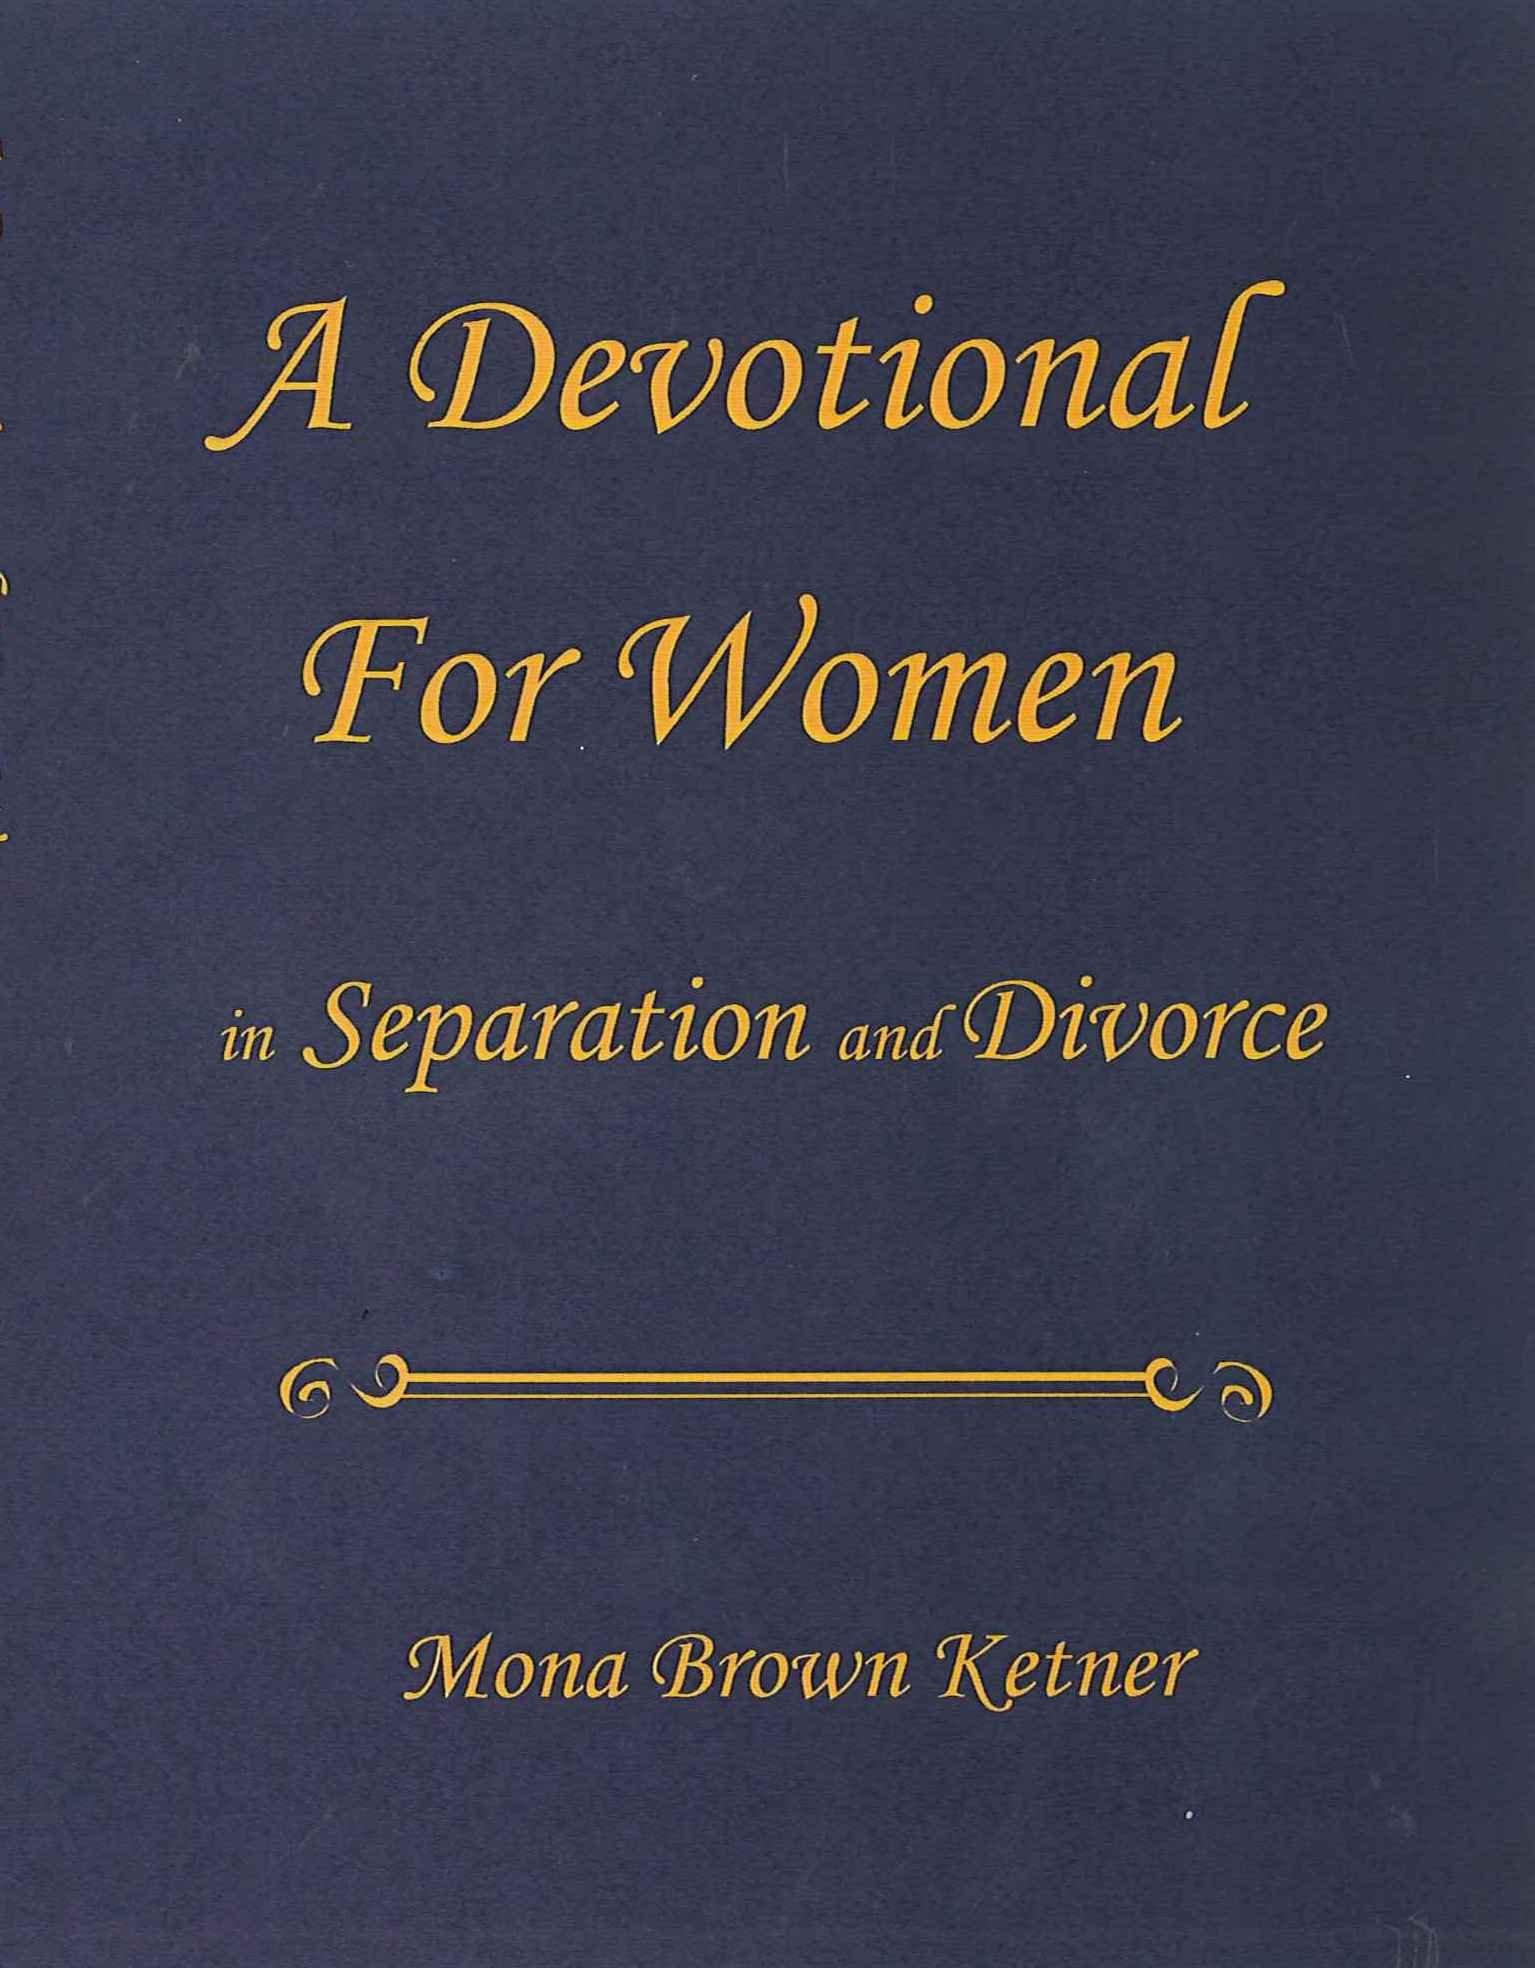 devotional after divorce